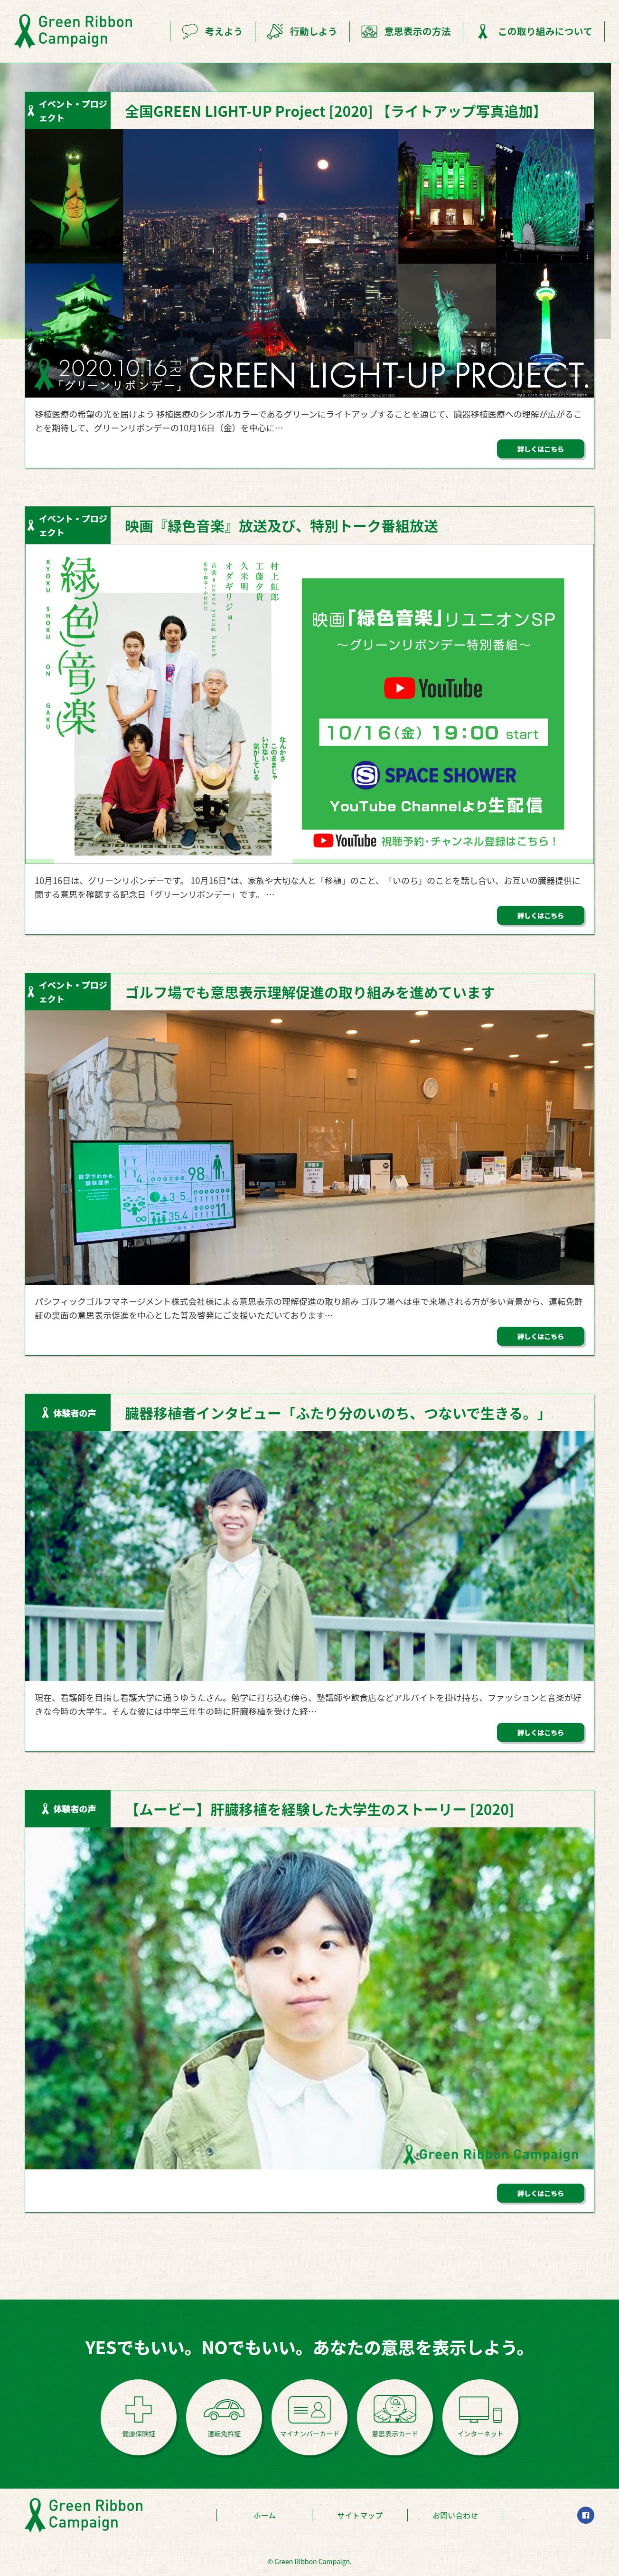 公益社団法人日本臓器移植ネットワーク 様 グリーンリボンキャンペーン